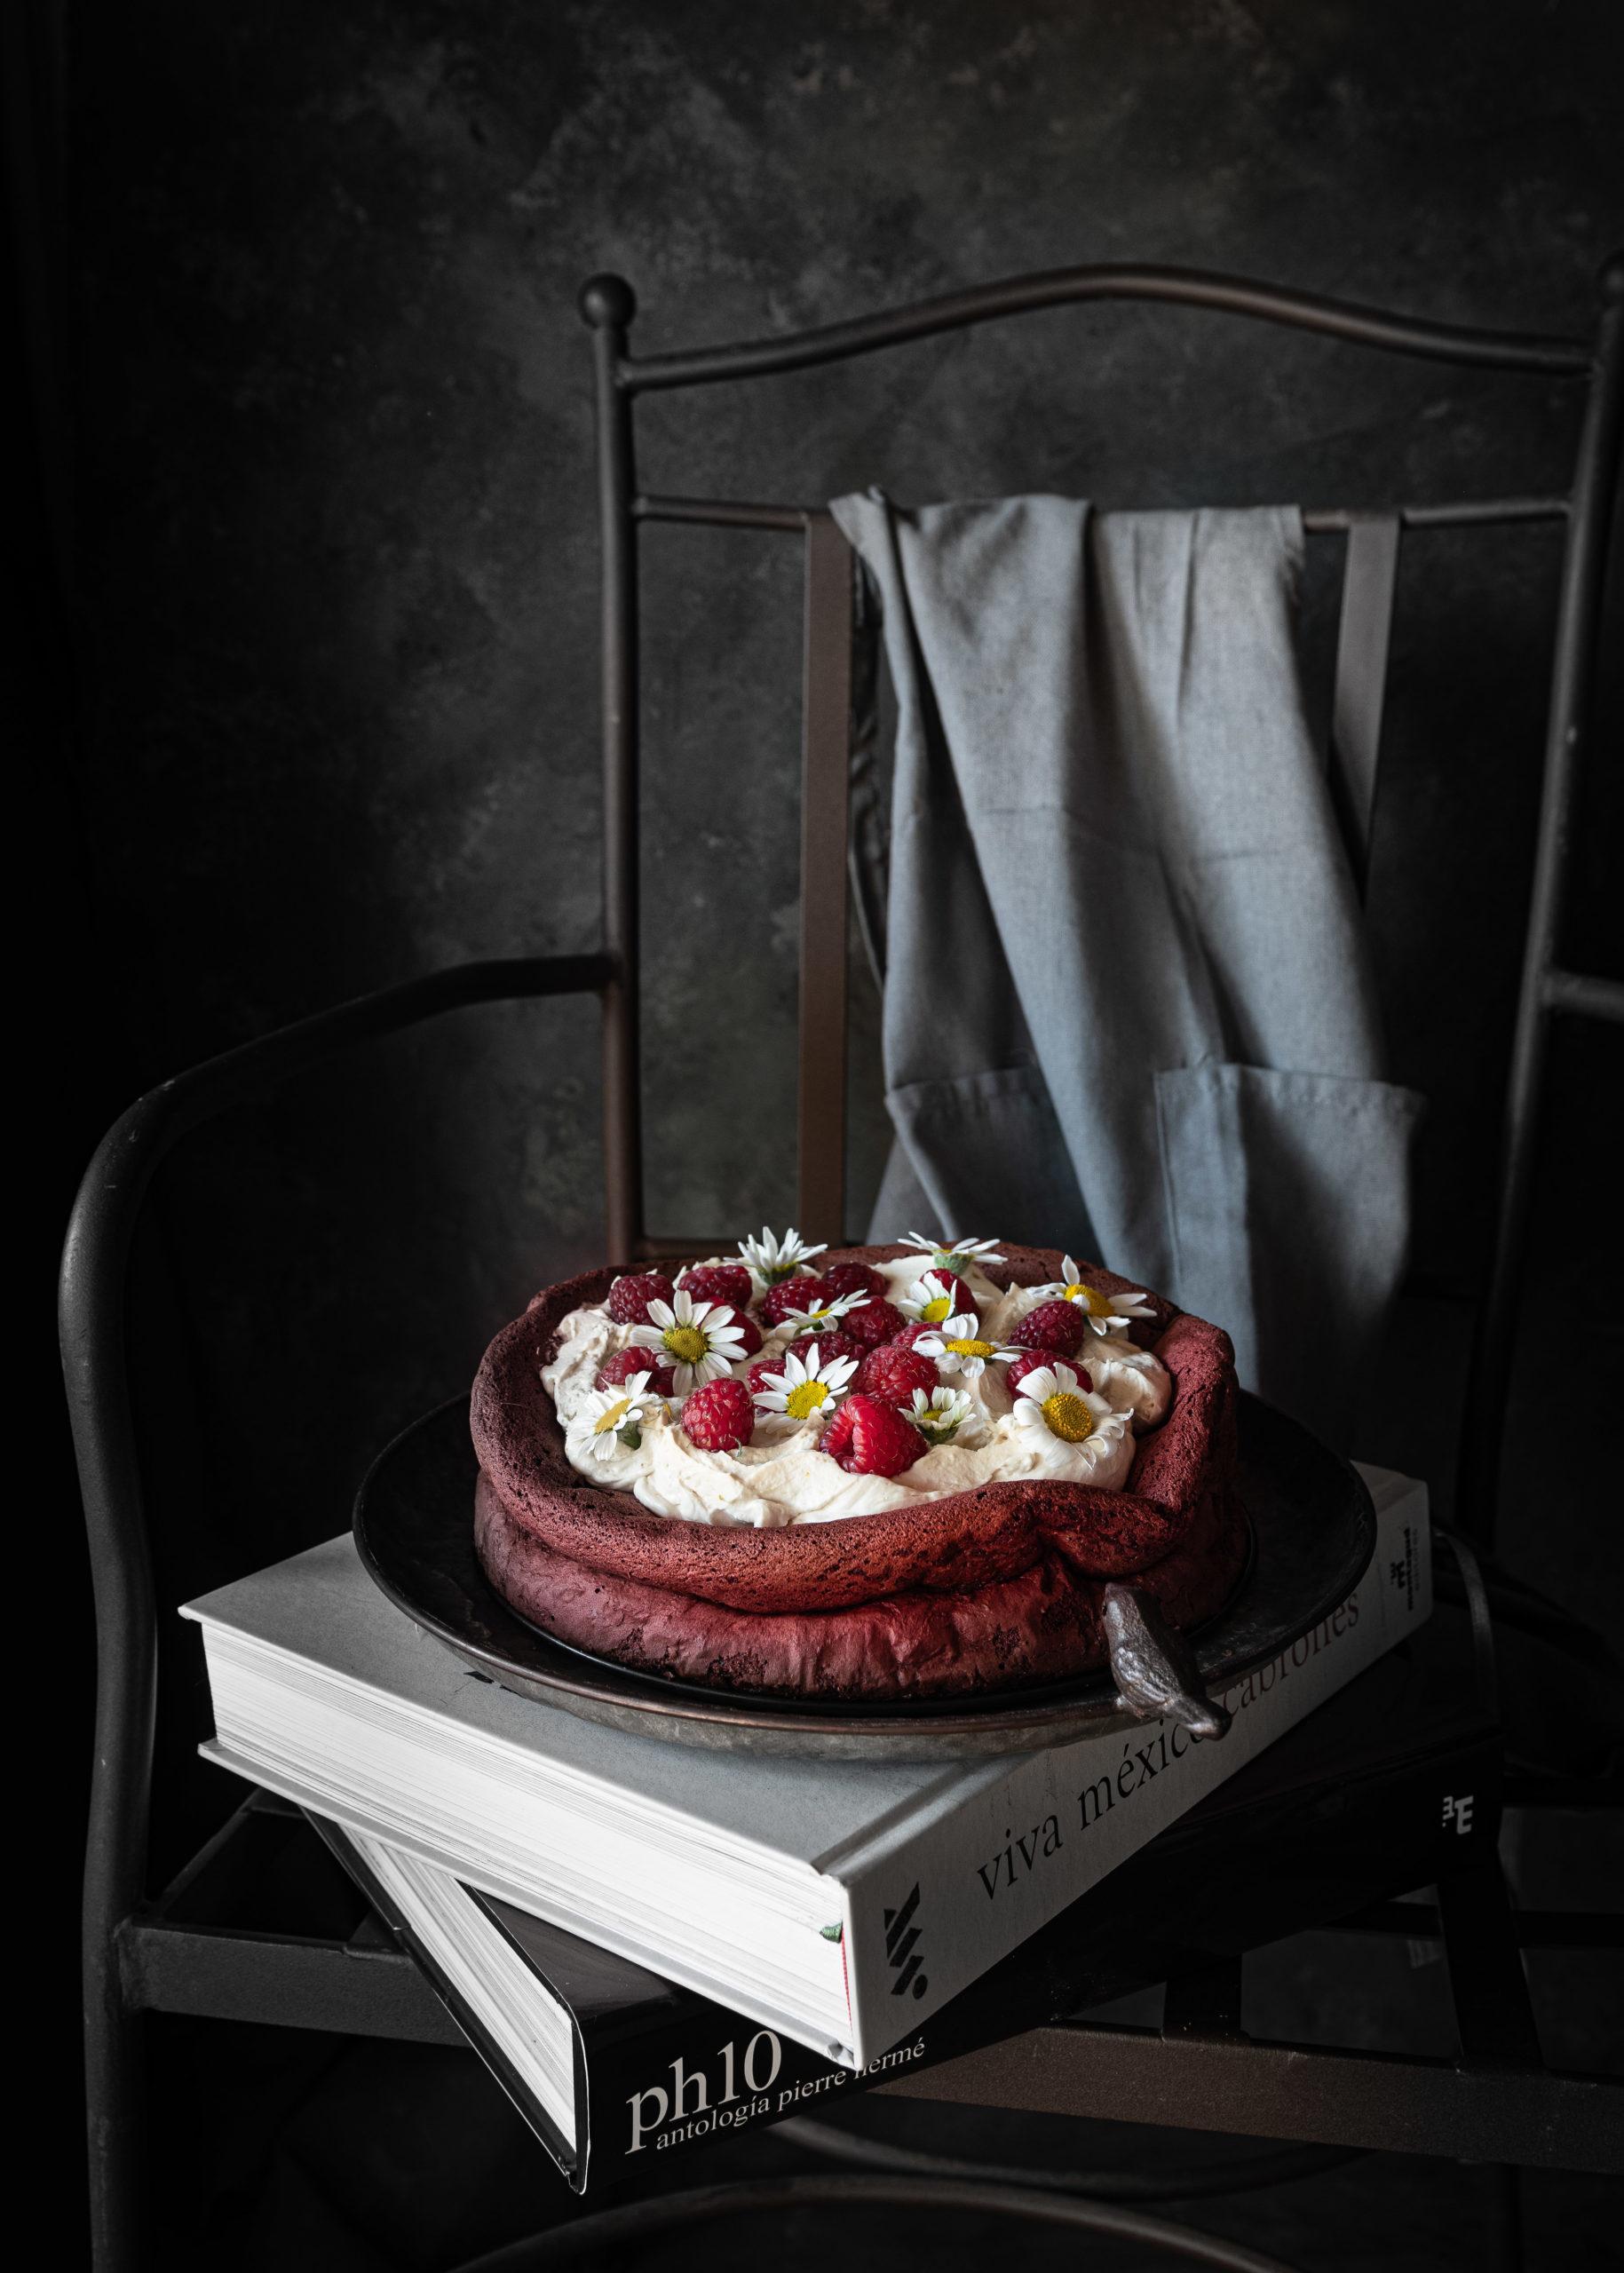 Flourless Red Velvet Cake